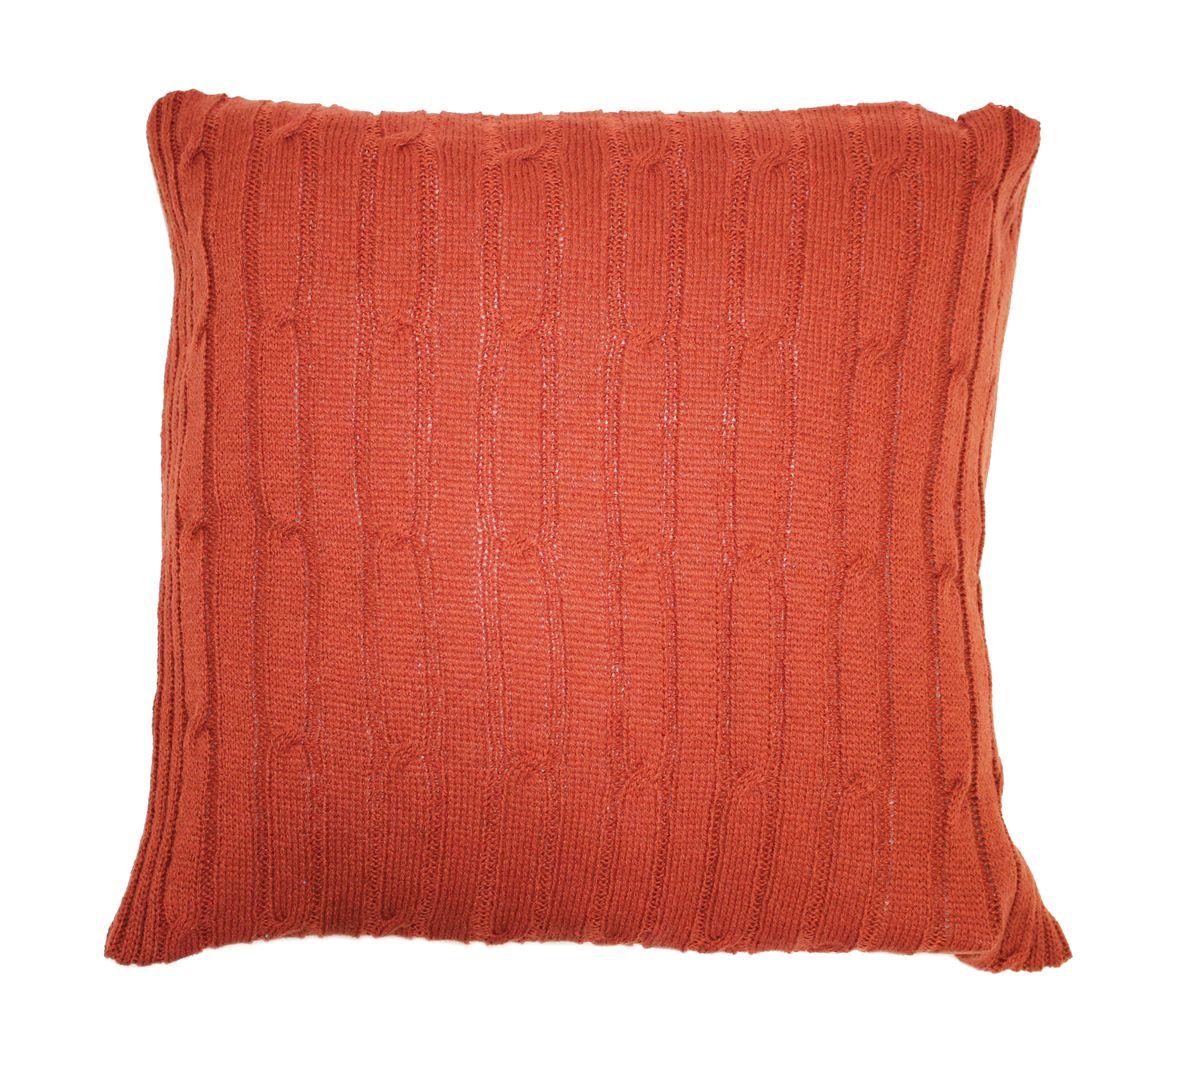 Подушка вязаная Proffi Home Косы, цвет: терракотовый, 40 х 40 смPH3671Материал: шерсть, полиэстер Длина: 40 см Ширина: 40 см Цвет: терракотовый